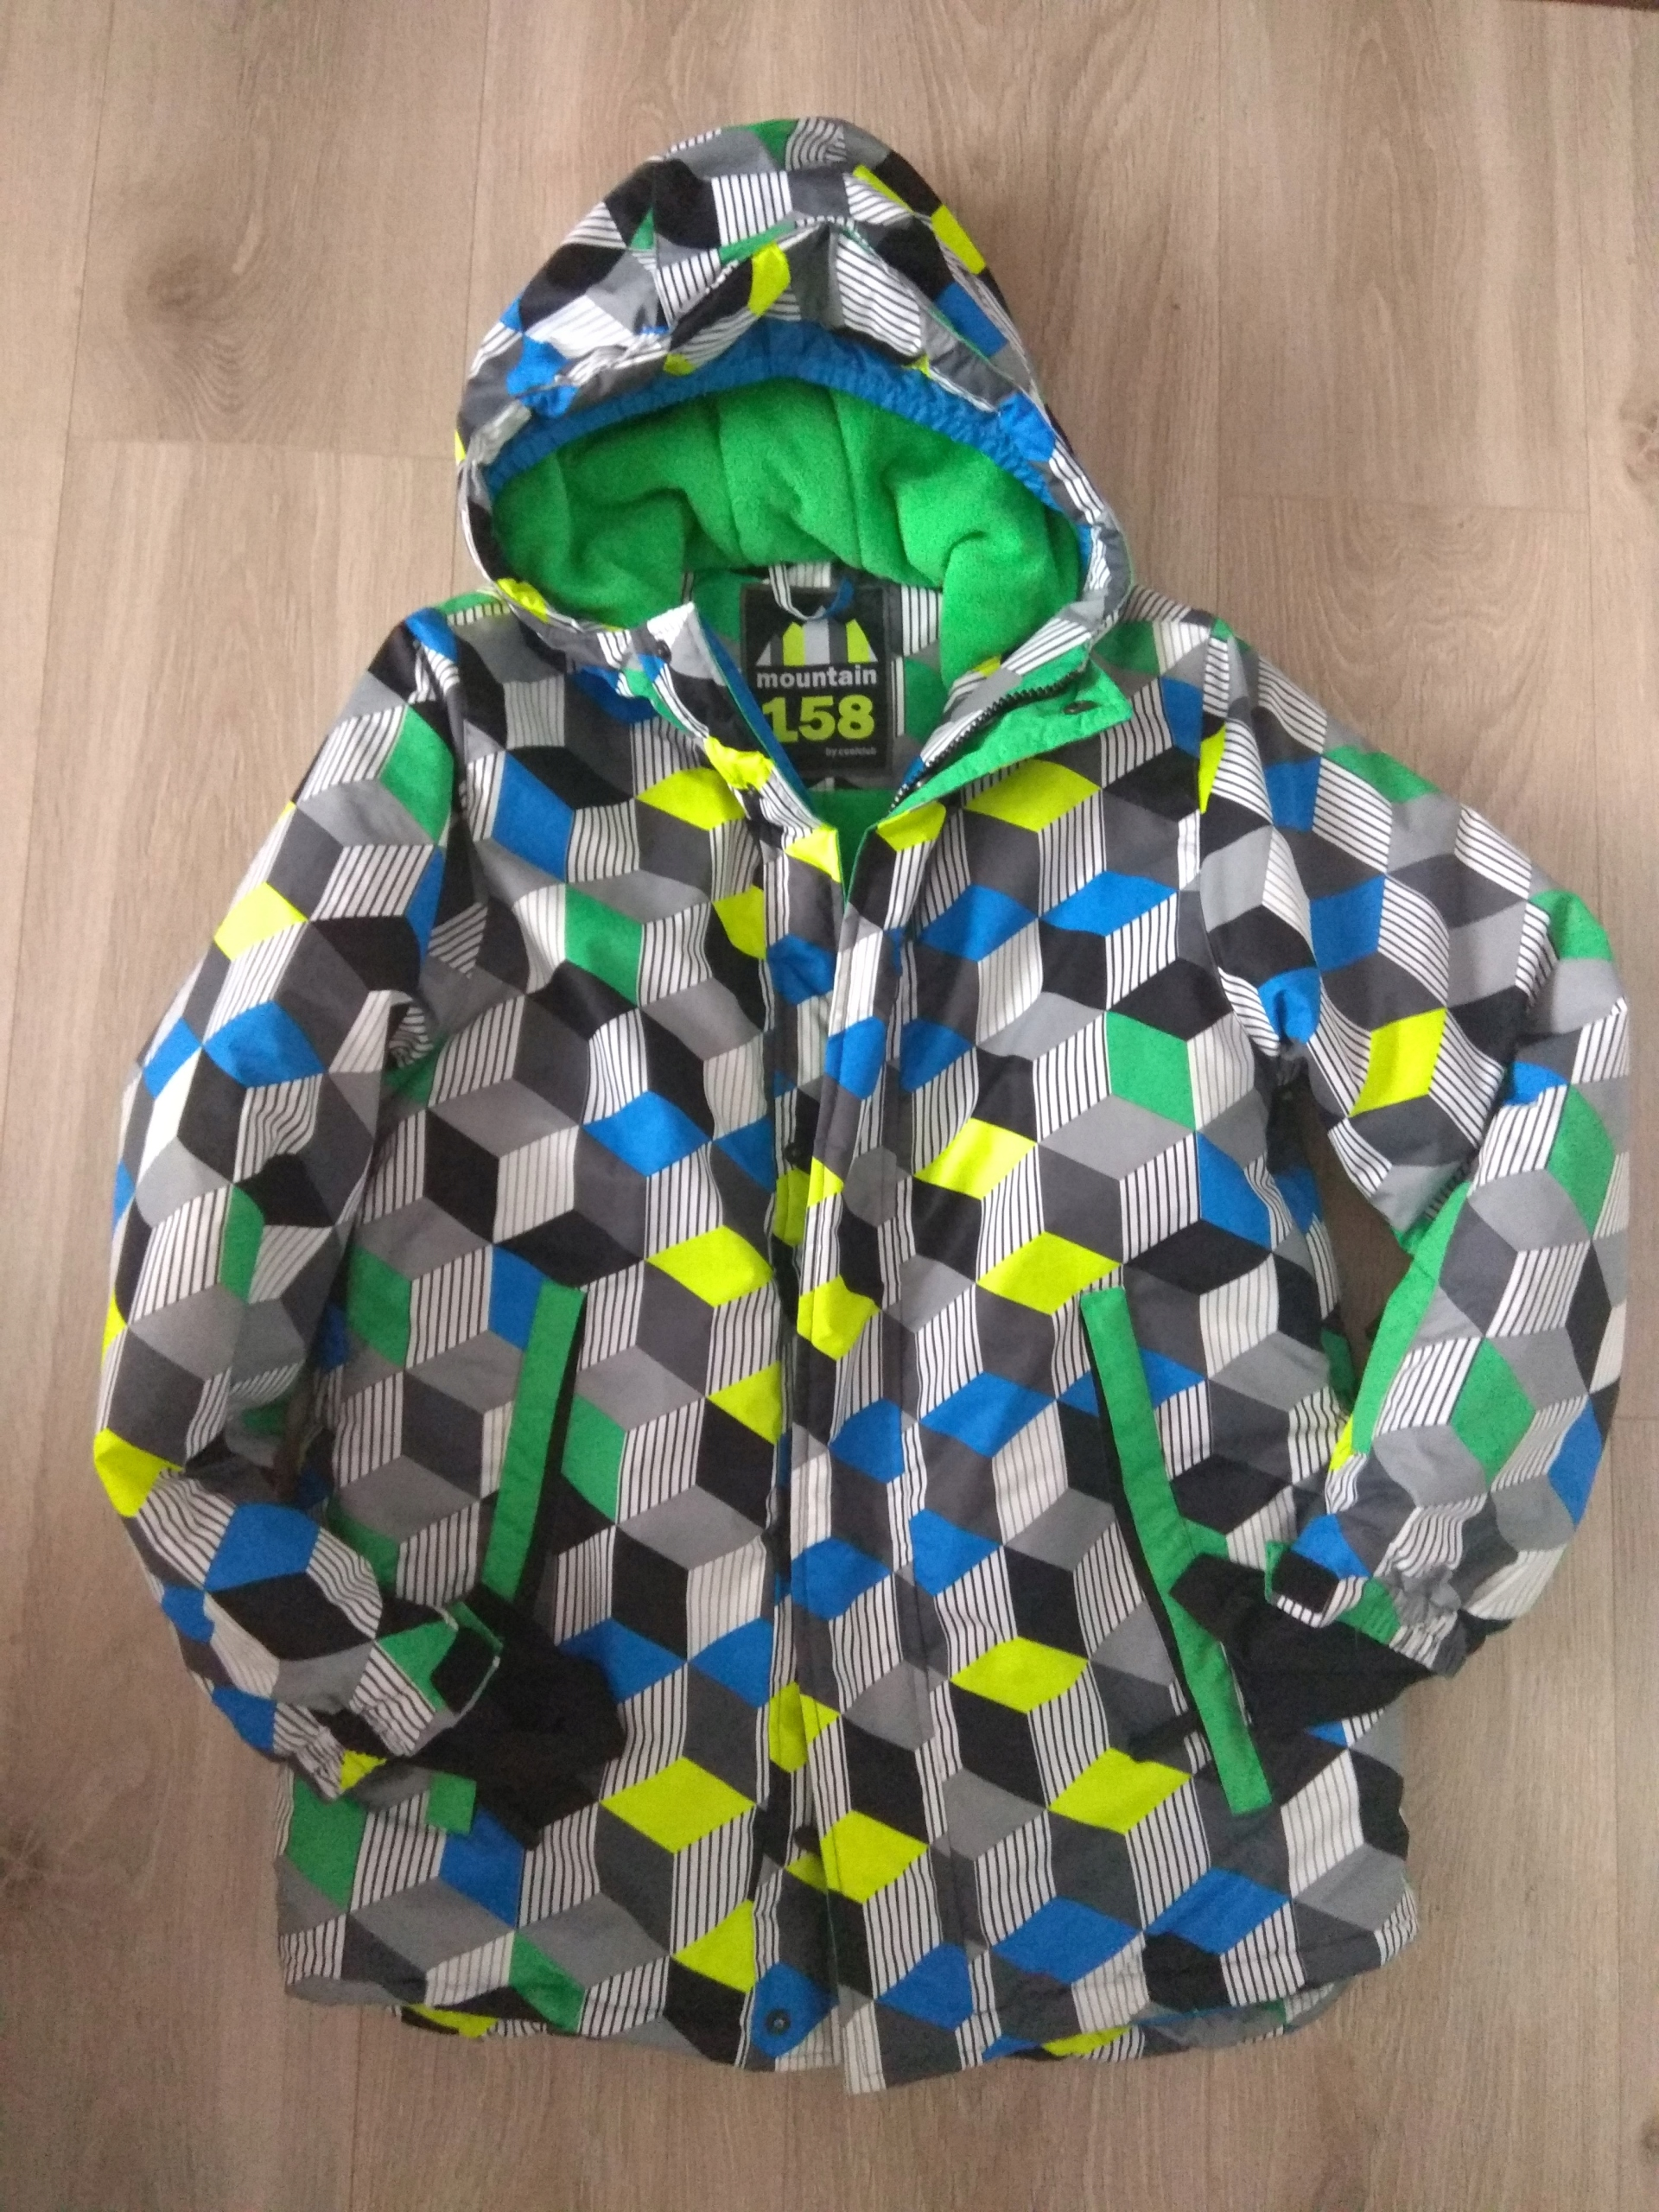 Smyk cool club_kurtka zimowa narciarska 158